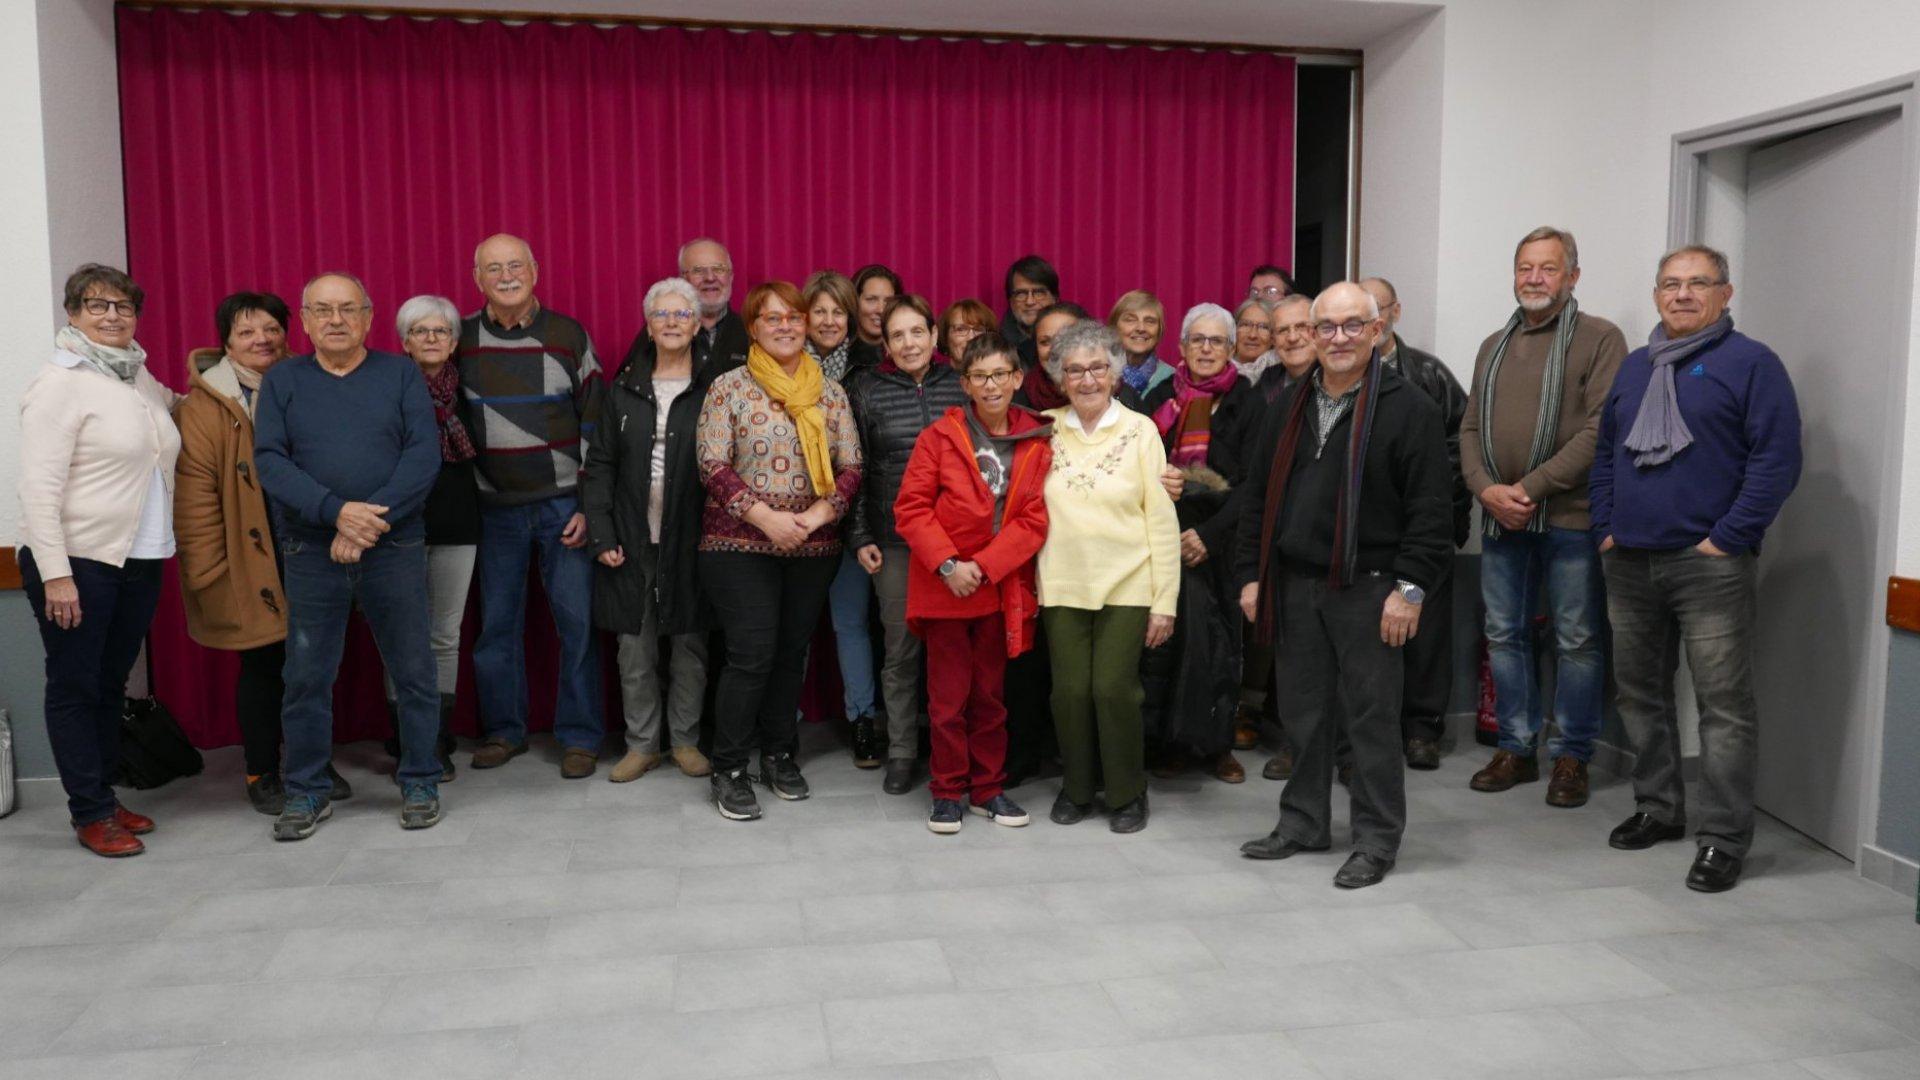 Troubadours janvier 2019